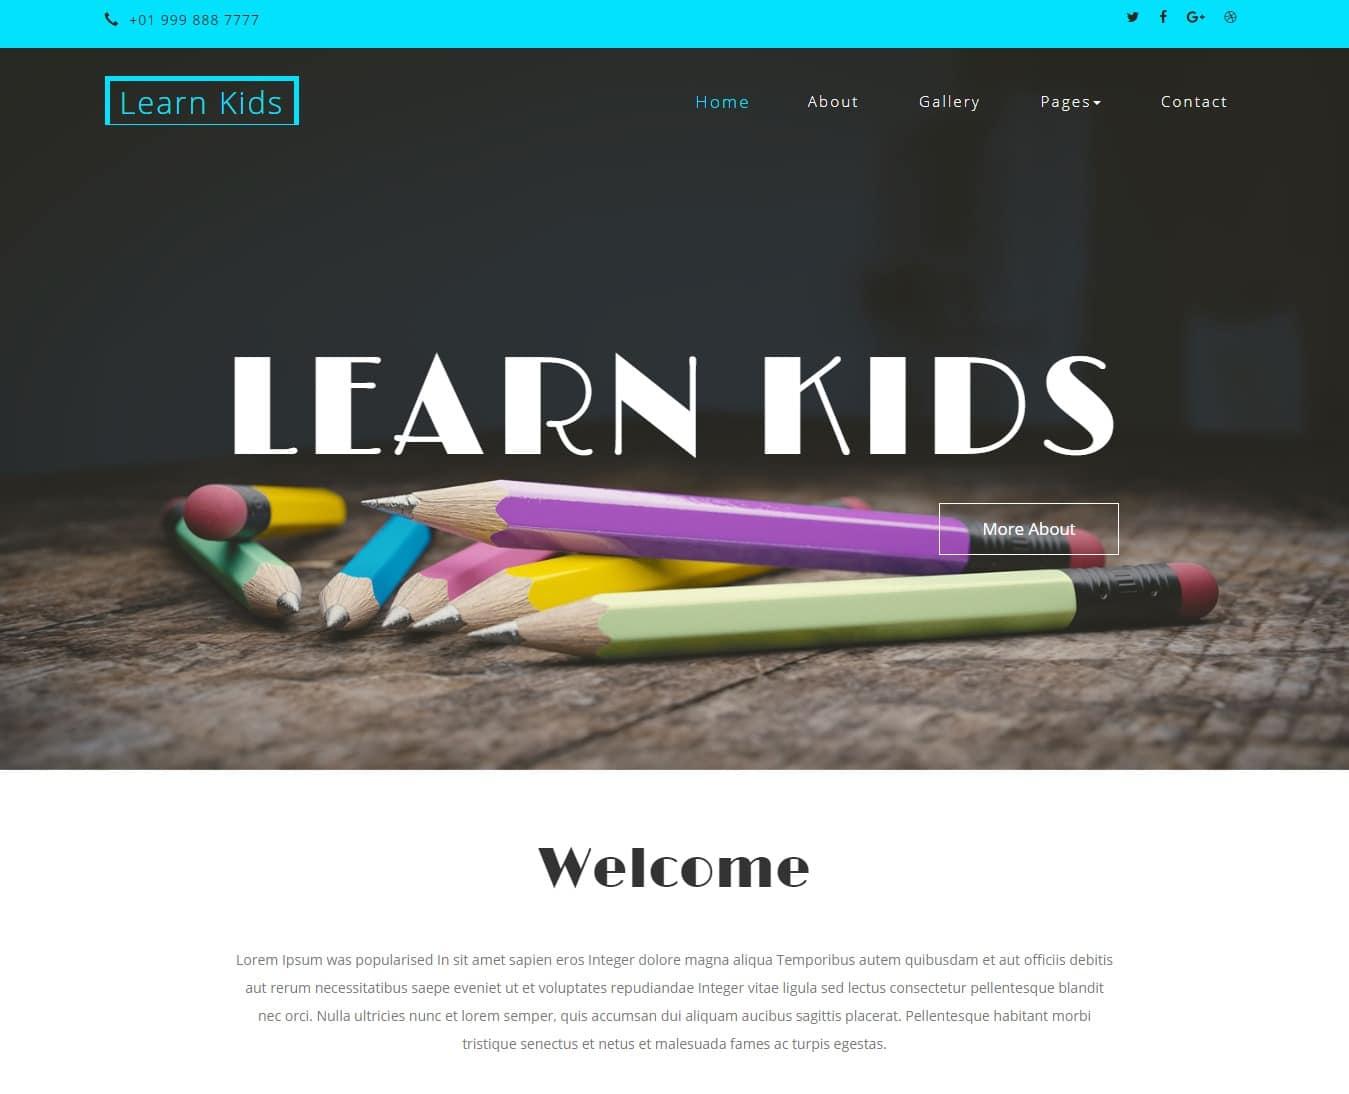 learn-kids-free-kindergarten-website-template